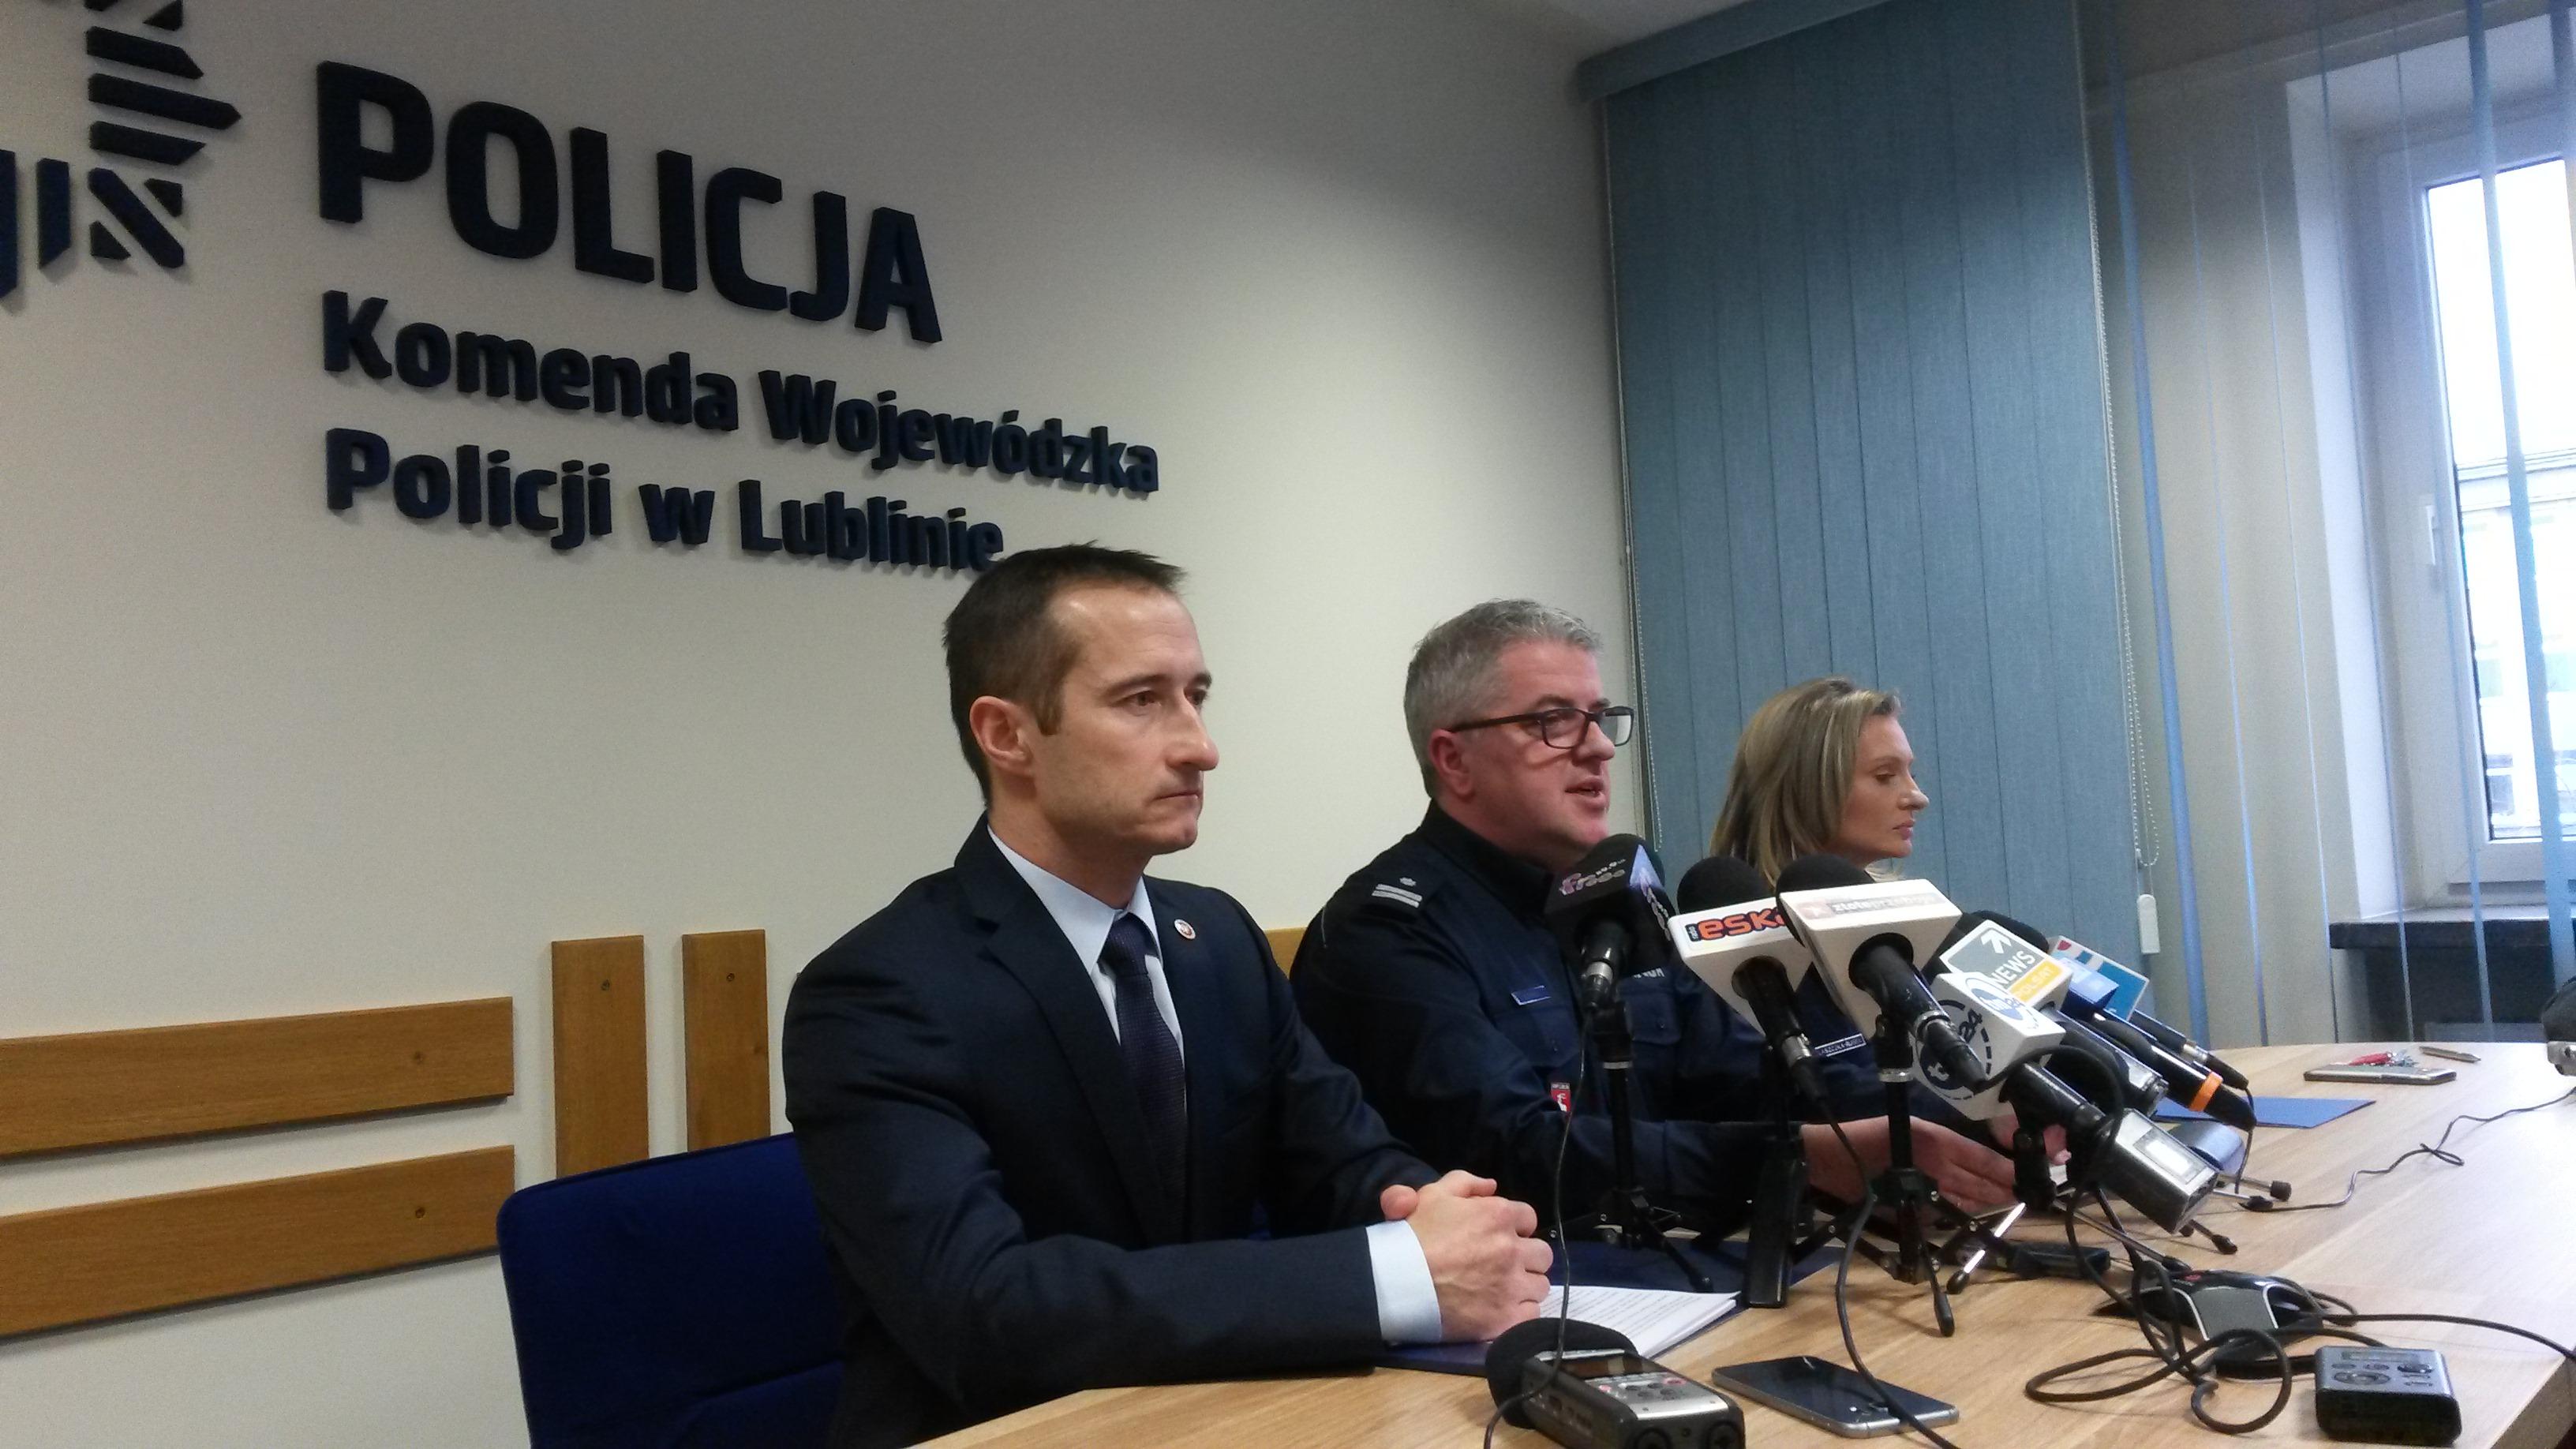 Sześć osób usłyszało zarzuty działania w zorganizowanej grupie przestępczej o charakterze międzynarodowym